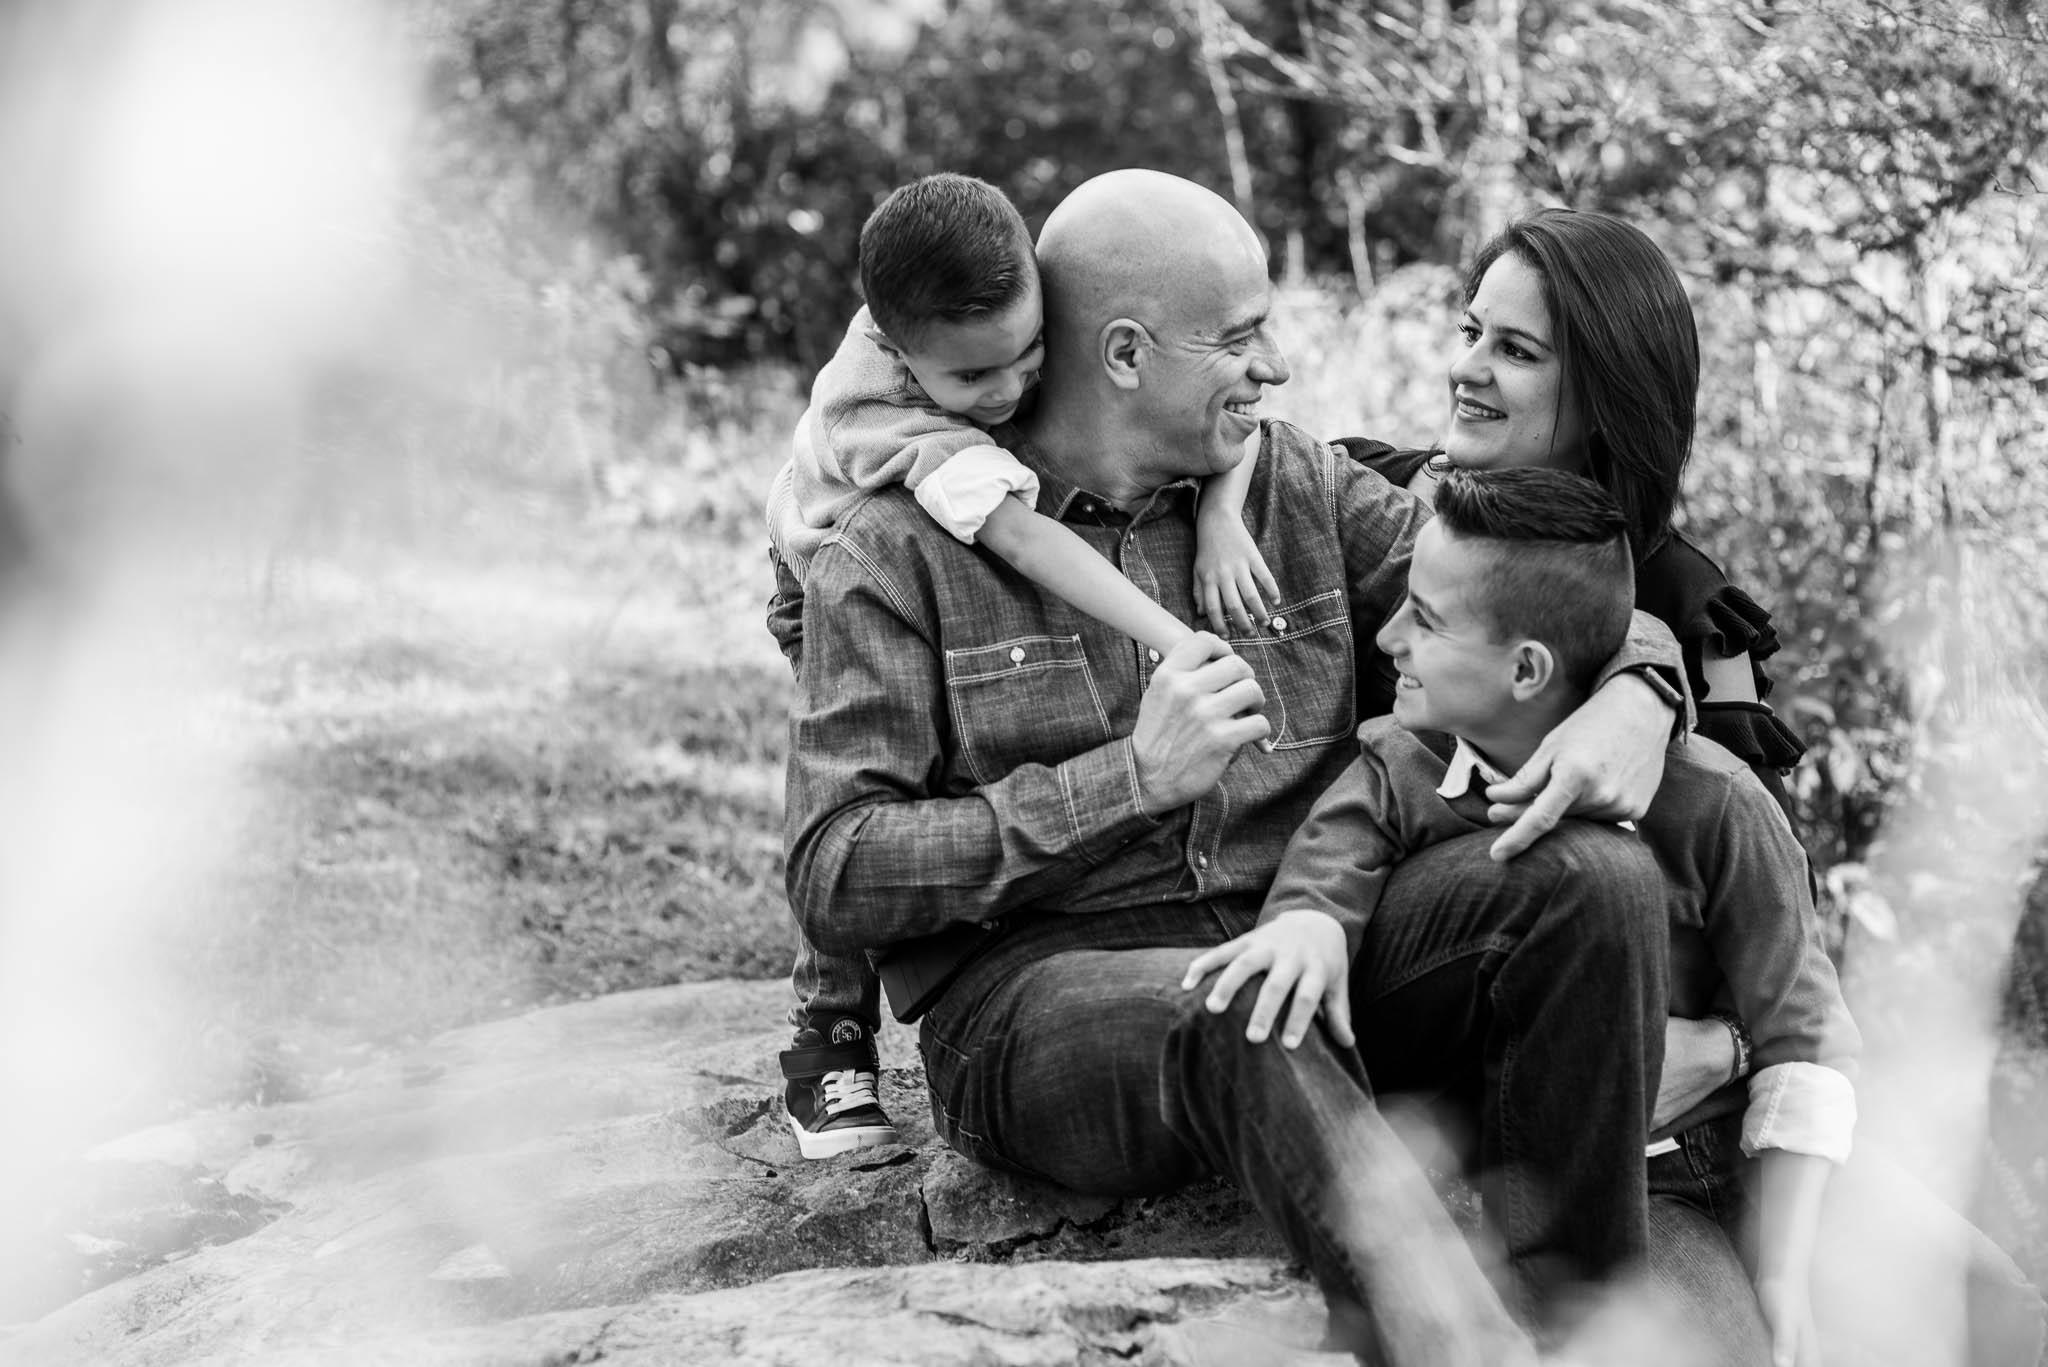 sesion familiar fotografia de familia fotos de familia fotografo san luis potosi luz escrita 12